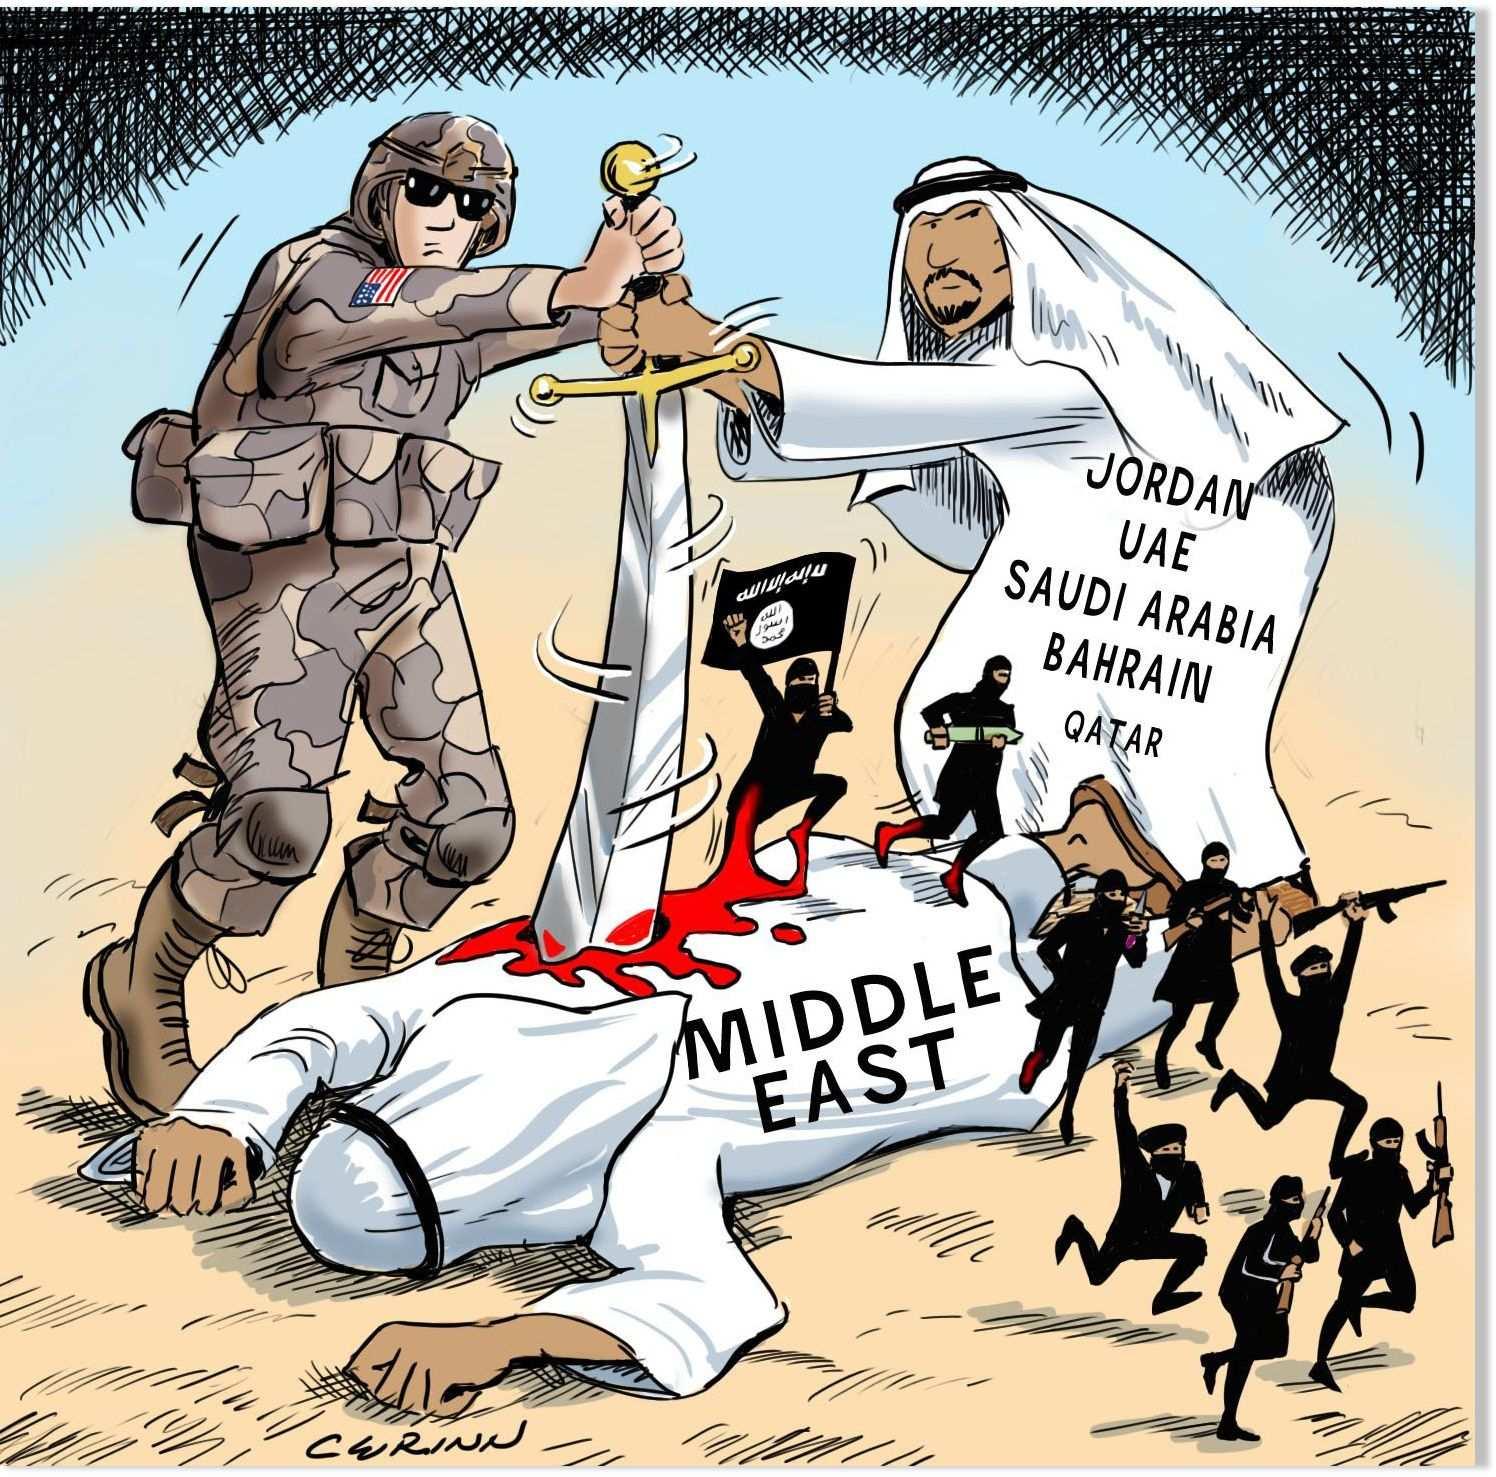 СРОЧНО: задержанного принца Саудовской Аравии подозревают в связях с ИГИЛ, 2 тонны изъятых наркотиков могли предназначаться террористам (ФОТО) | Русская весна